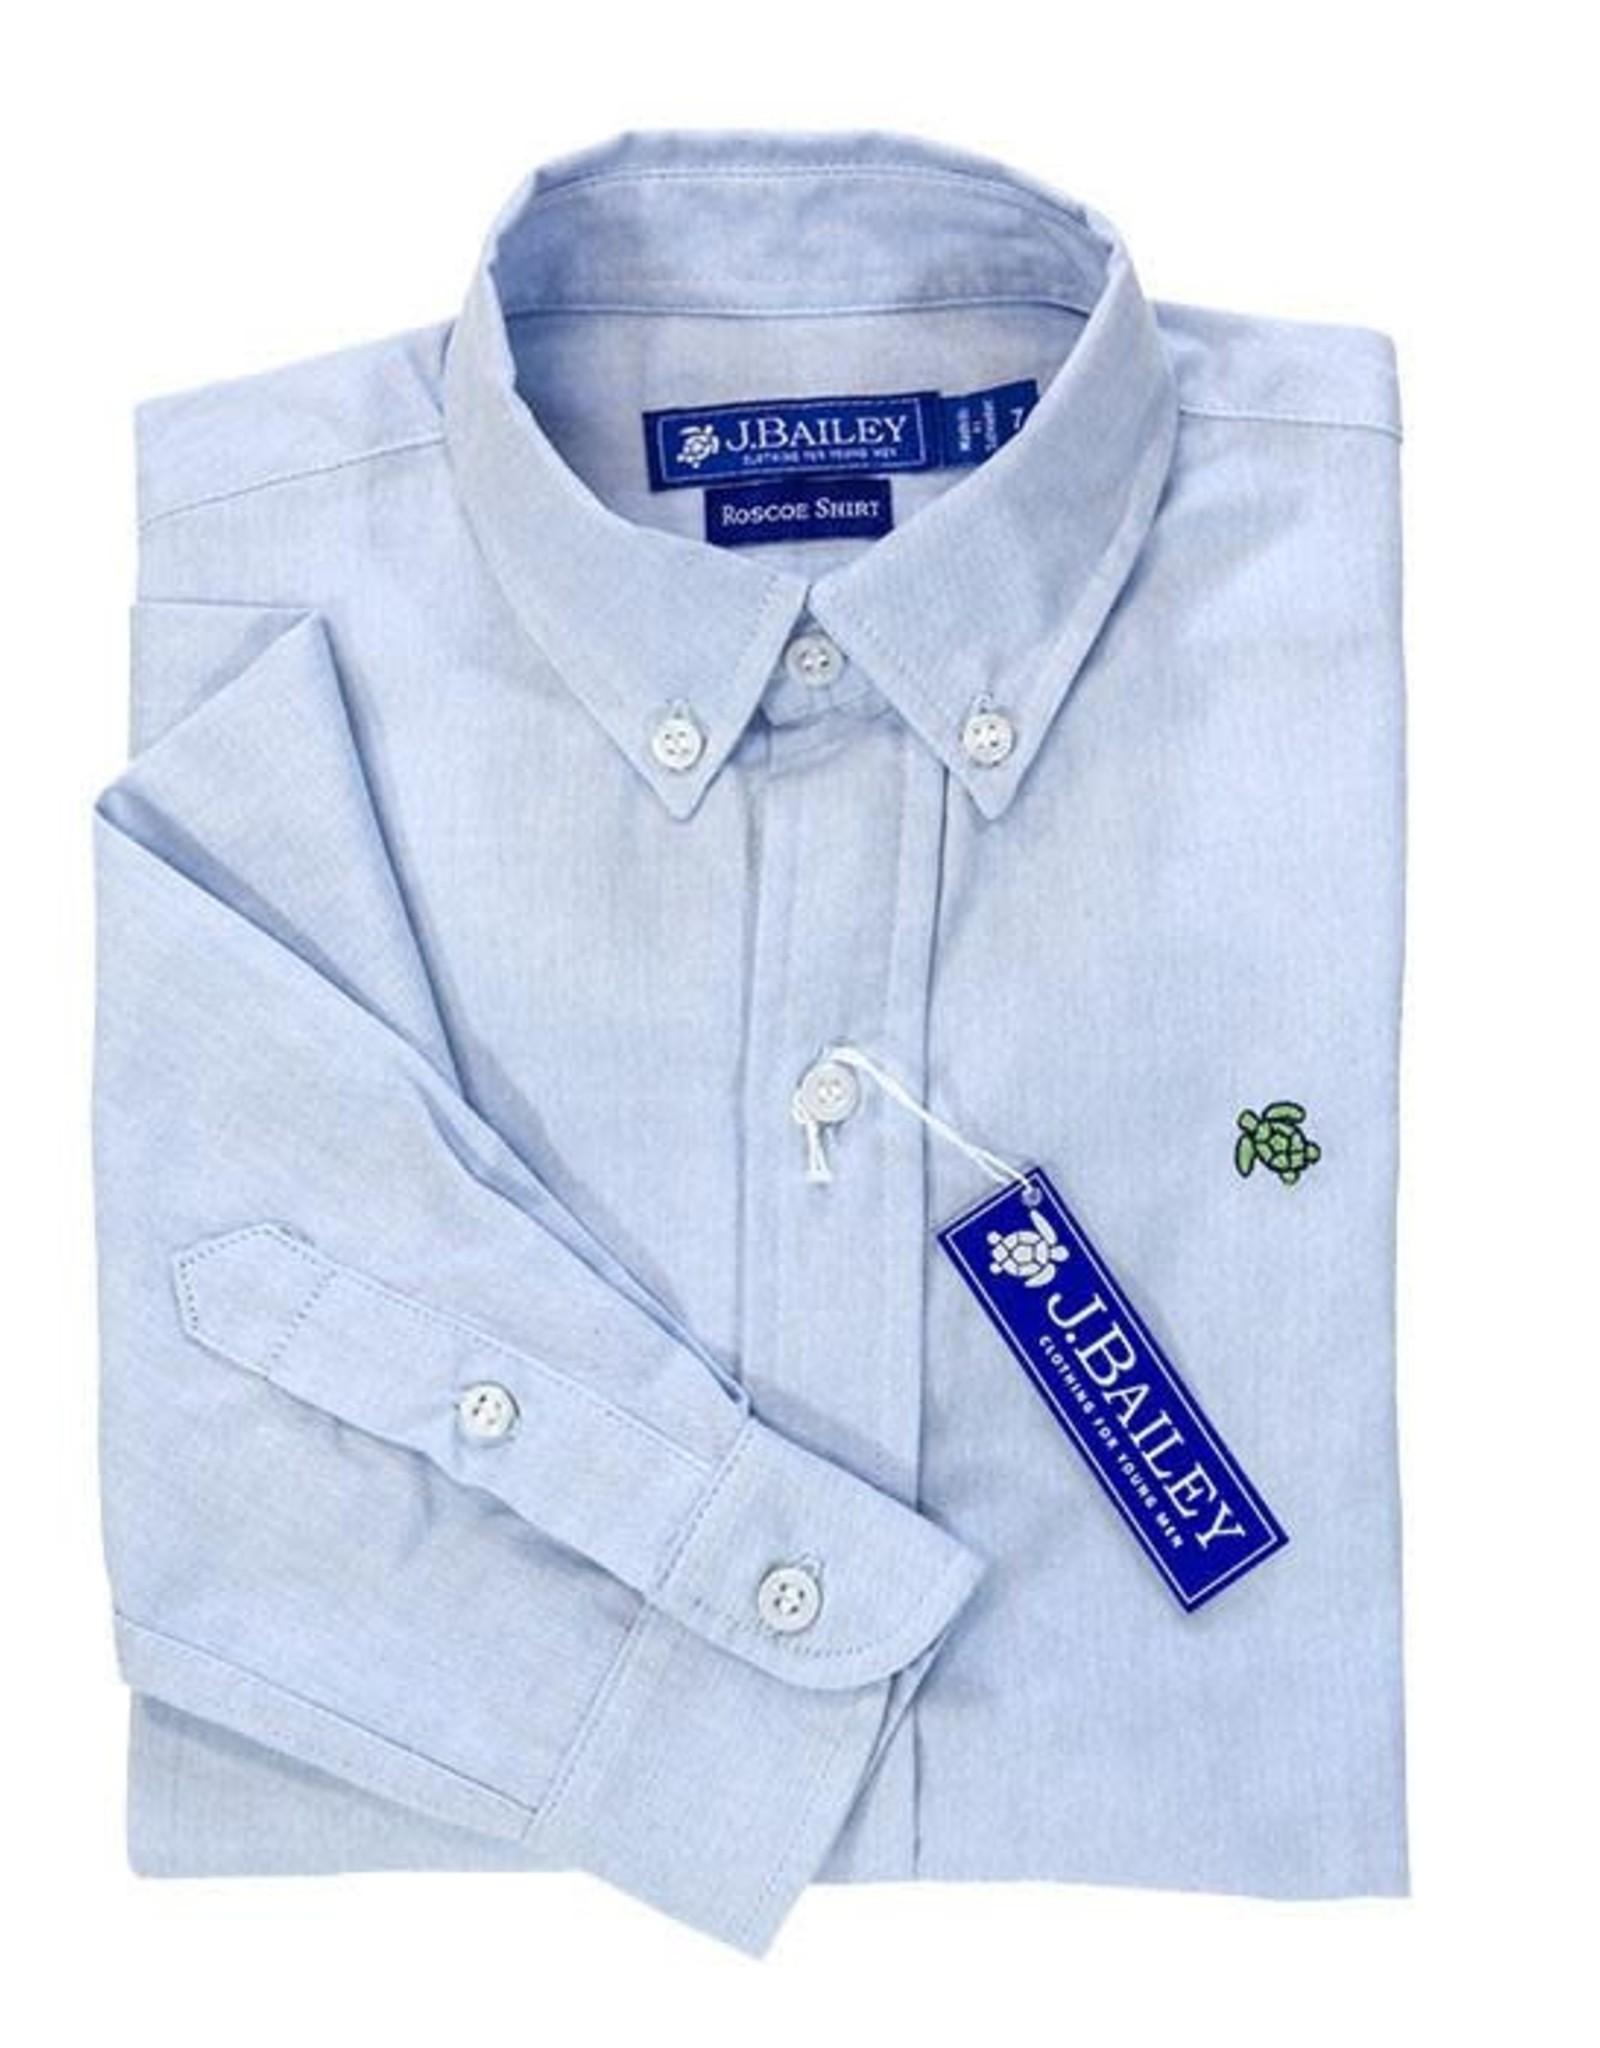 The Bailey Boys Oxford Shirt Blue, Roscoe